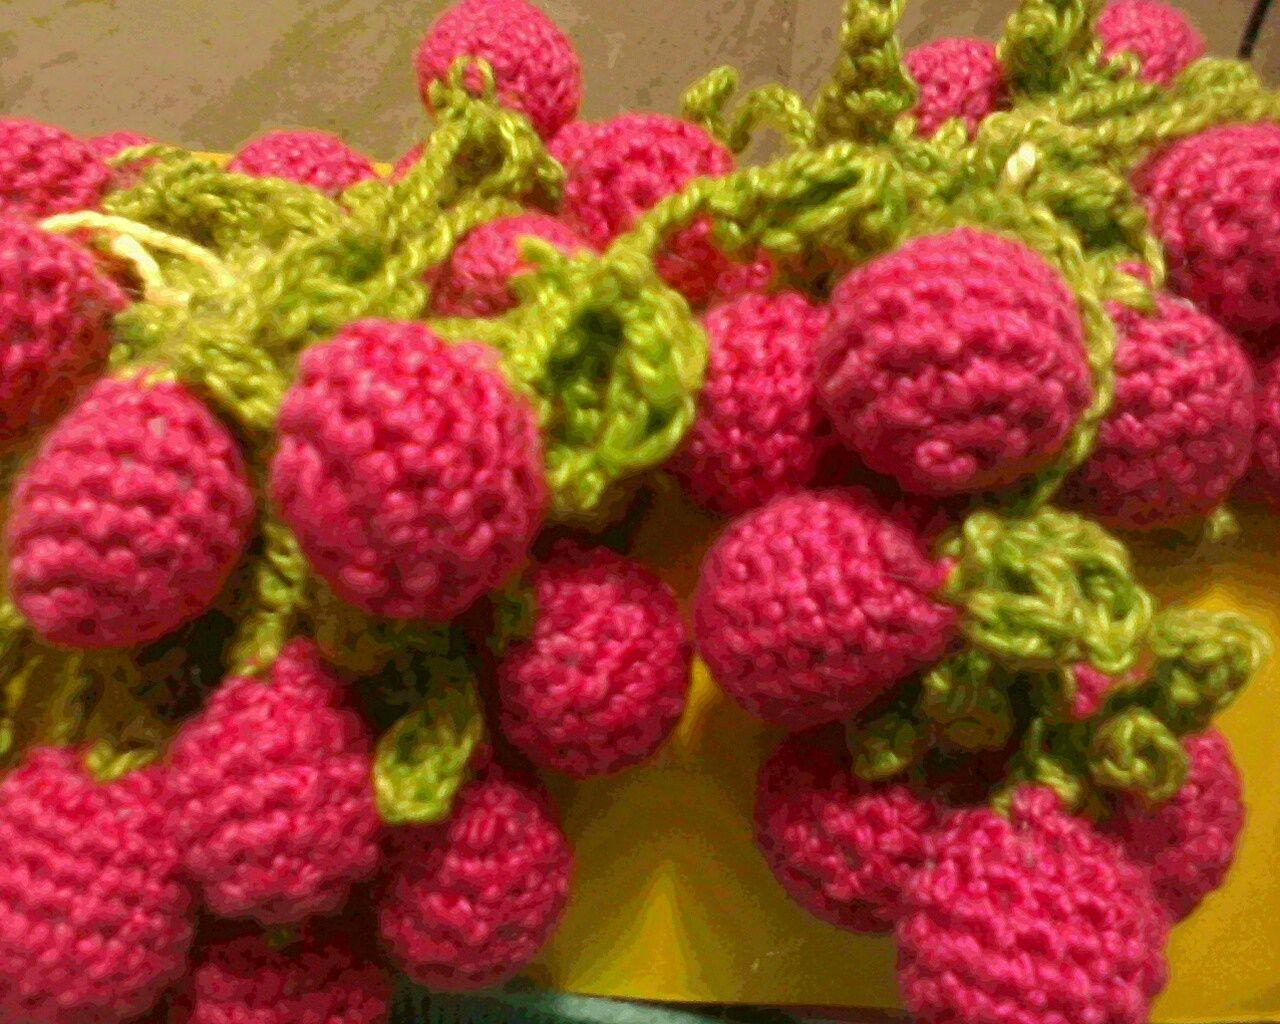 cereja crochet. encomendas,e pronta entrega mvieira.com@gmail.com